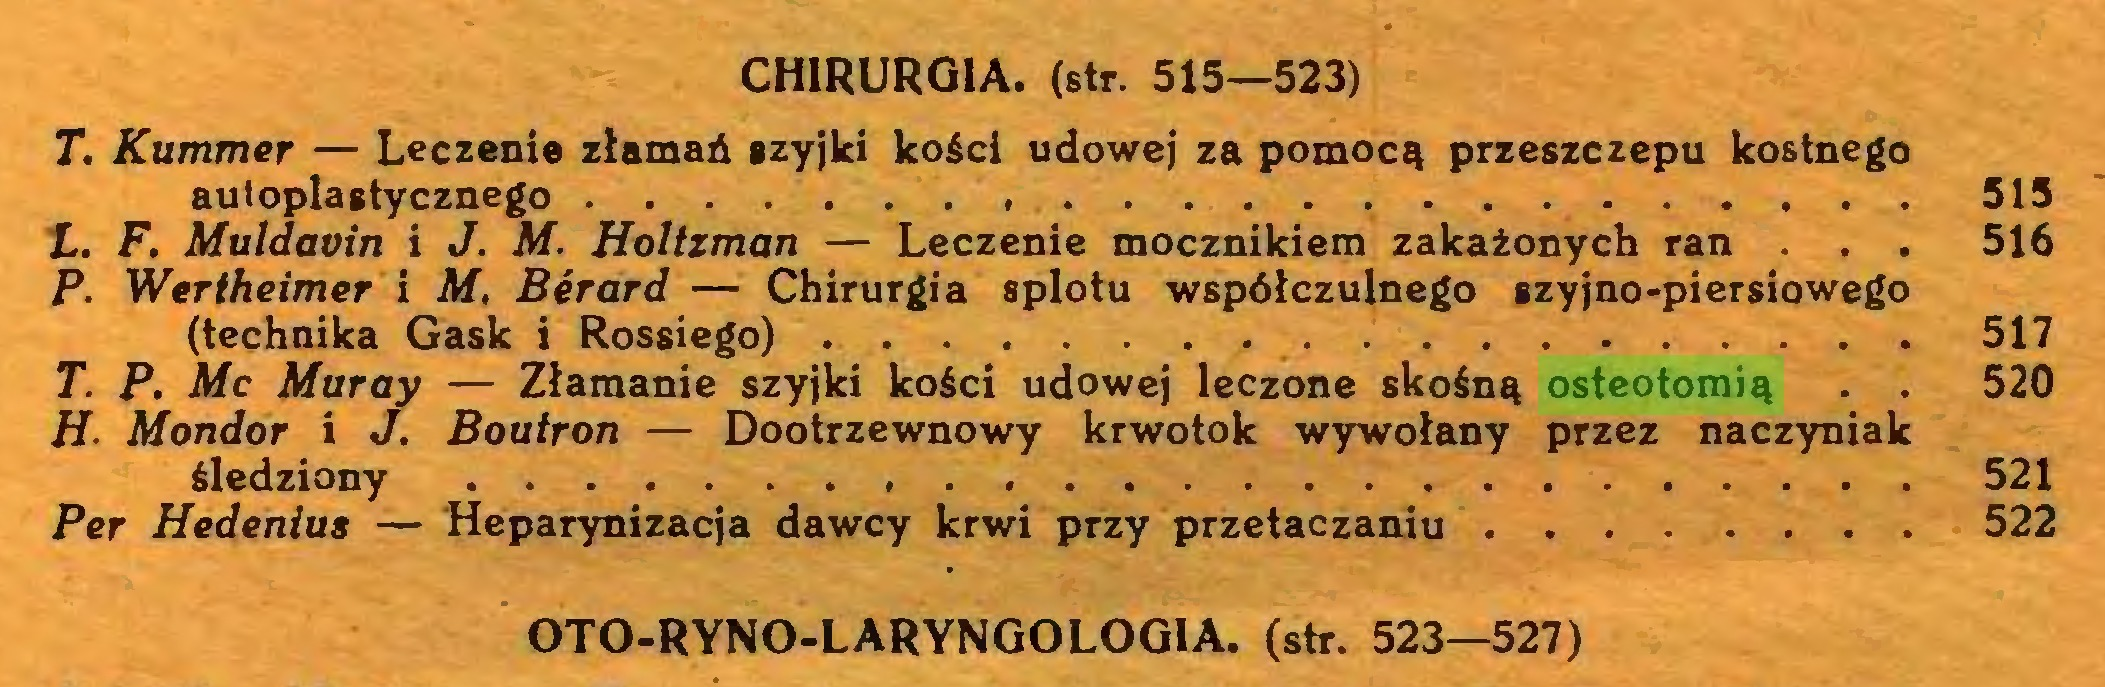 (...) CHIRURGIA, (str. 515—523) T. Kummer — Leczenie złamań szyjki kości udowej za pomocą przeszczepu kostnego autoplastycznego 515 L. F. Muldavin i J. M. Holtzman — Leczenie mocznikiem zakażonych ran . . . 516 P. Wertheimer i M, Bérard — Chirurgia splotu współczulnego szyjno-piersiowego (technika Gask i Rossiego) 517 T. P. Mc Muray — Złamanie szyjki kości udowej leczone skośną osteotomią . . 520 H■ Mondor i J, Boutron — Dootrzewnowy krwotok wywołany przez naczyniak śledziony 521 Per Hedenius — Heparynizacja dawcy krwi przy przetaczaniu 522 OTO-RYNO-LARYNGOLOGIA. (str. 523—527)...